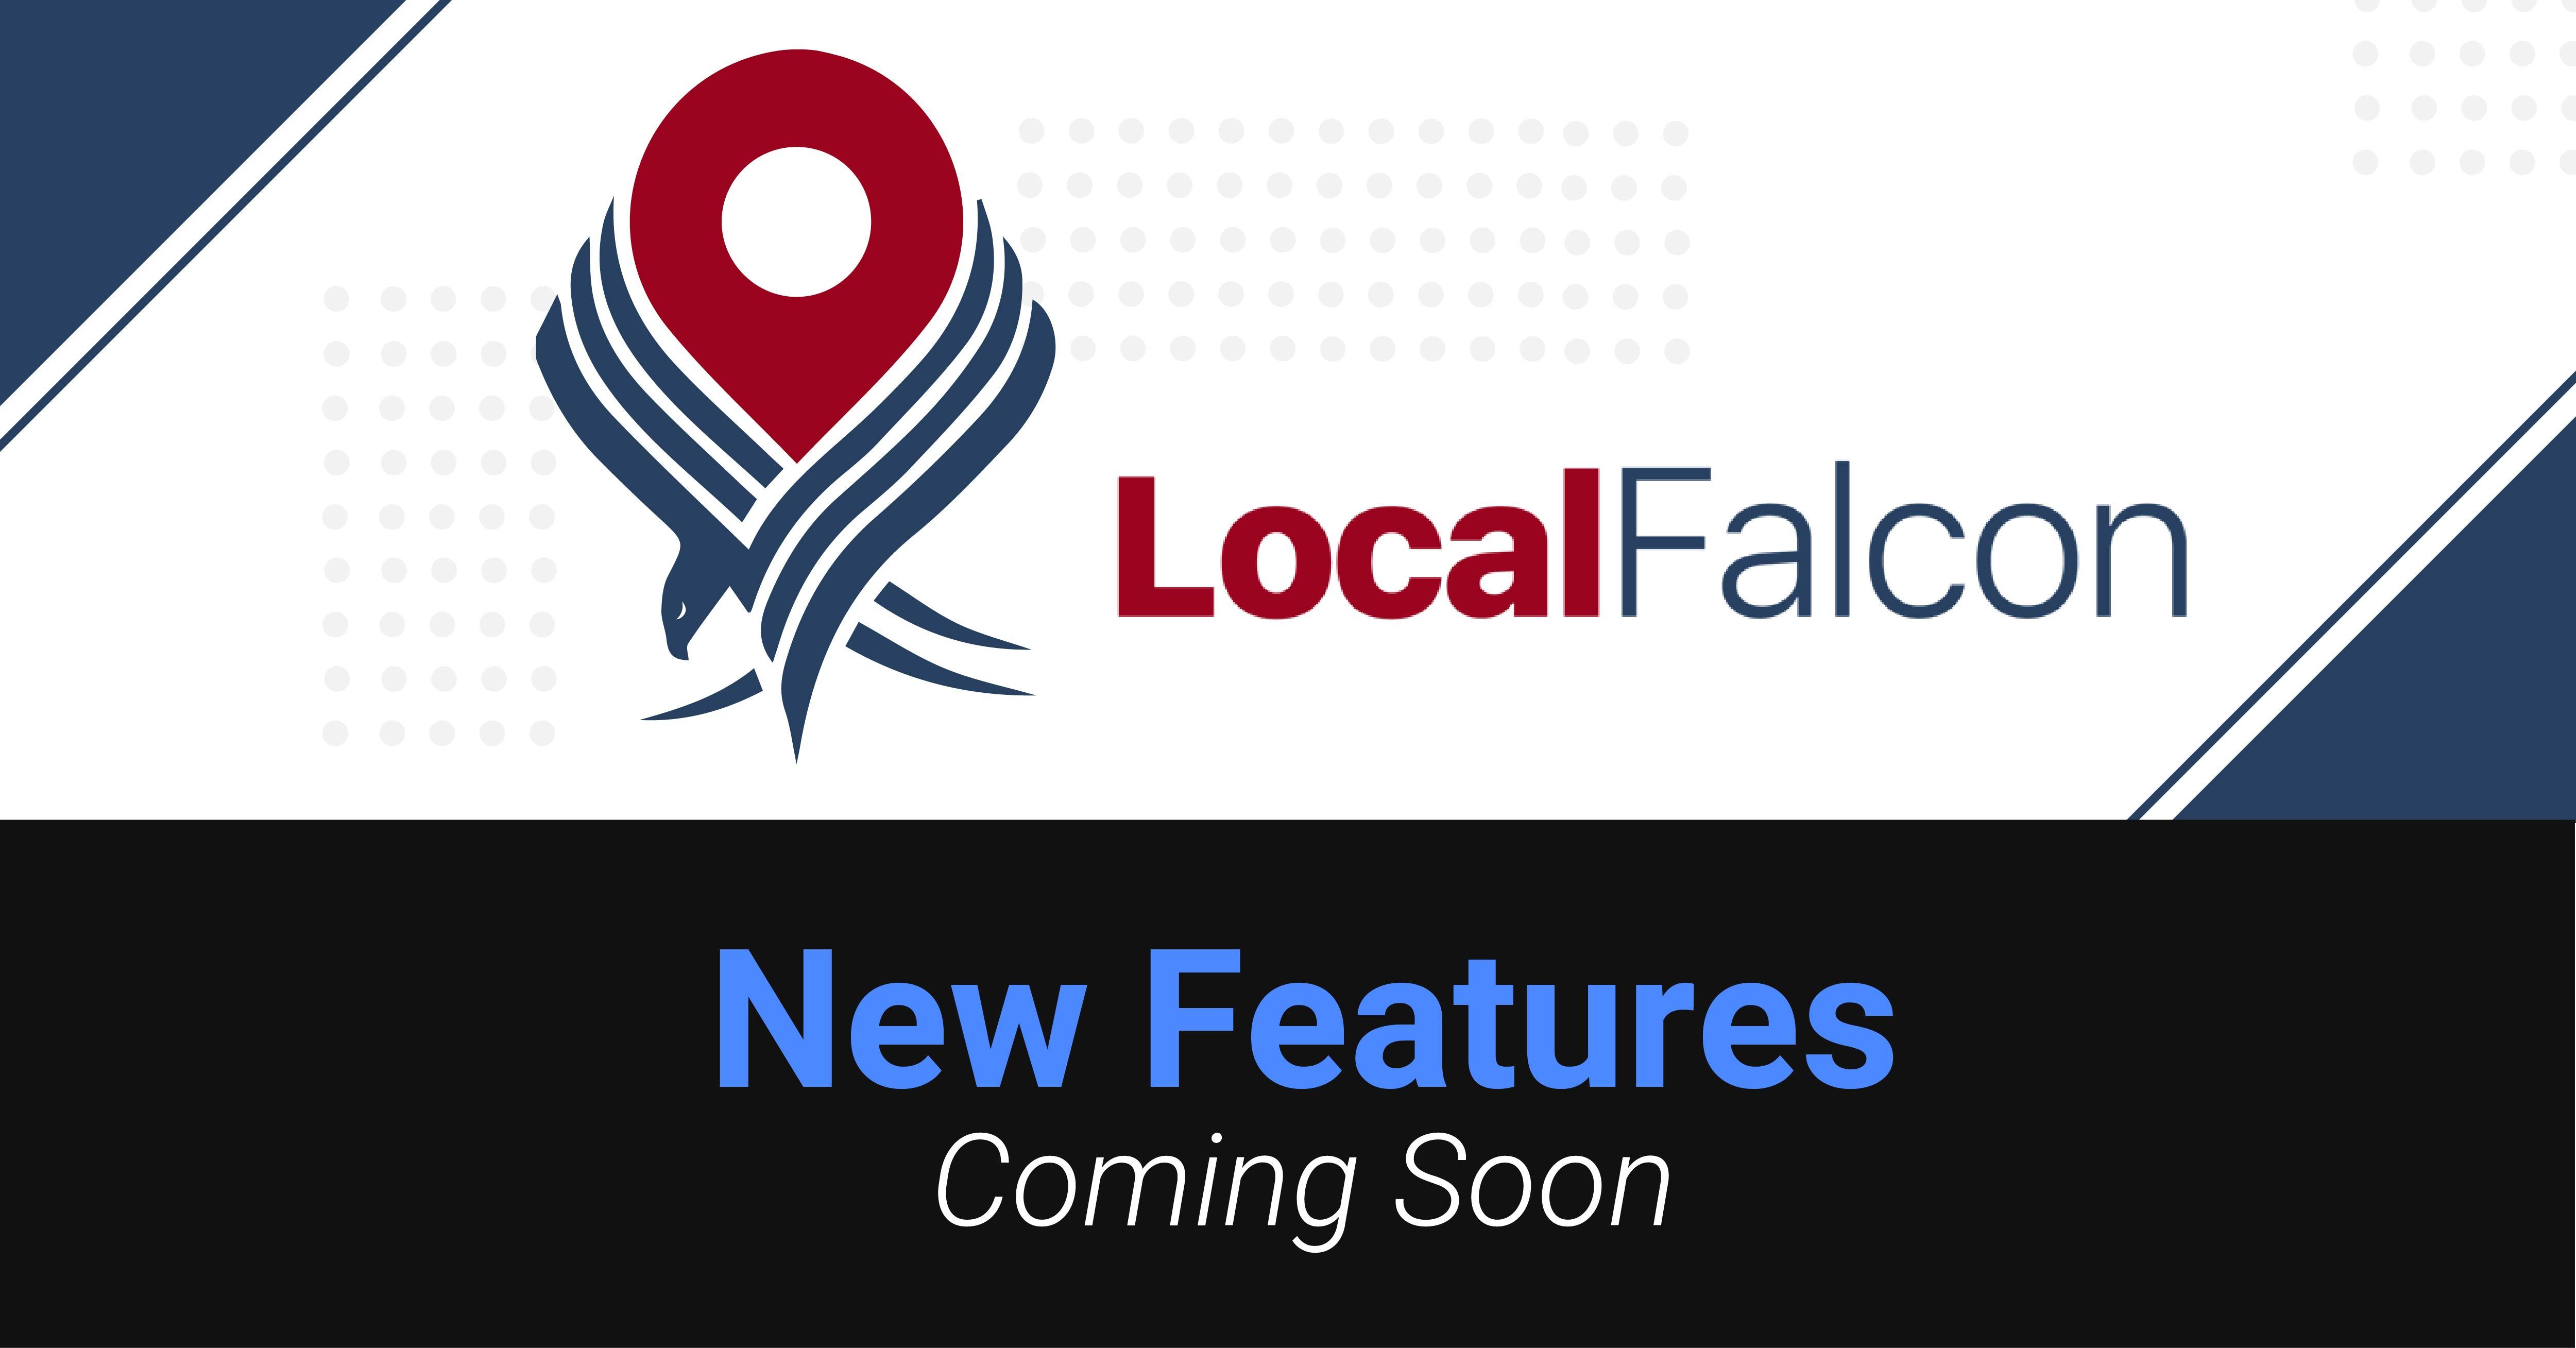 www.localfalcon.com